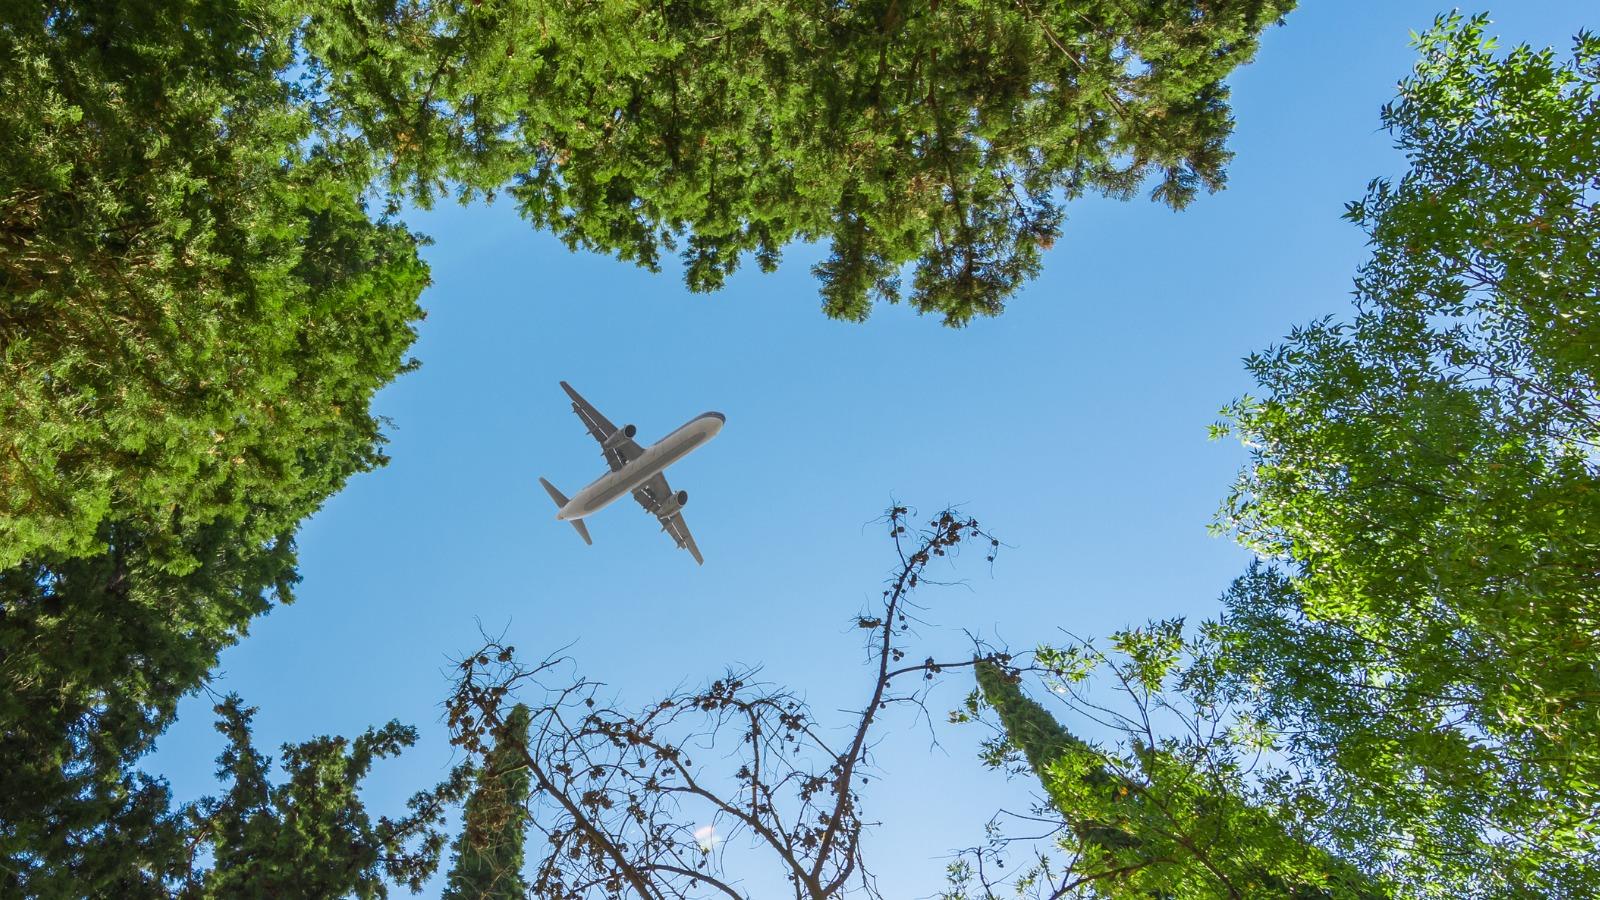 Frankreich will Kurzstreckenflüge wegen Klimaschutz verbieten